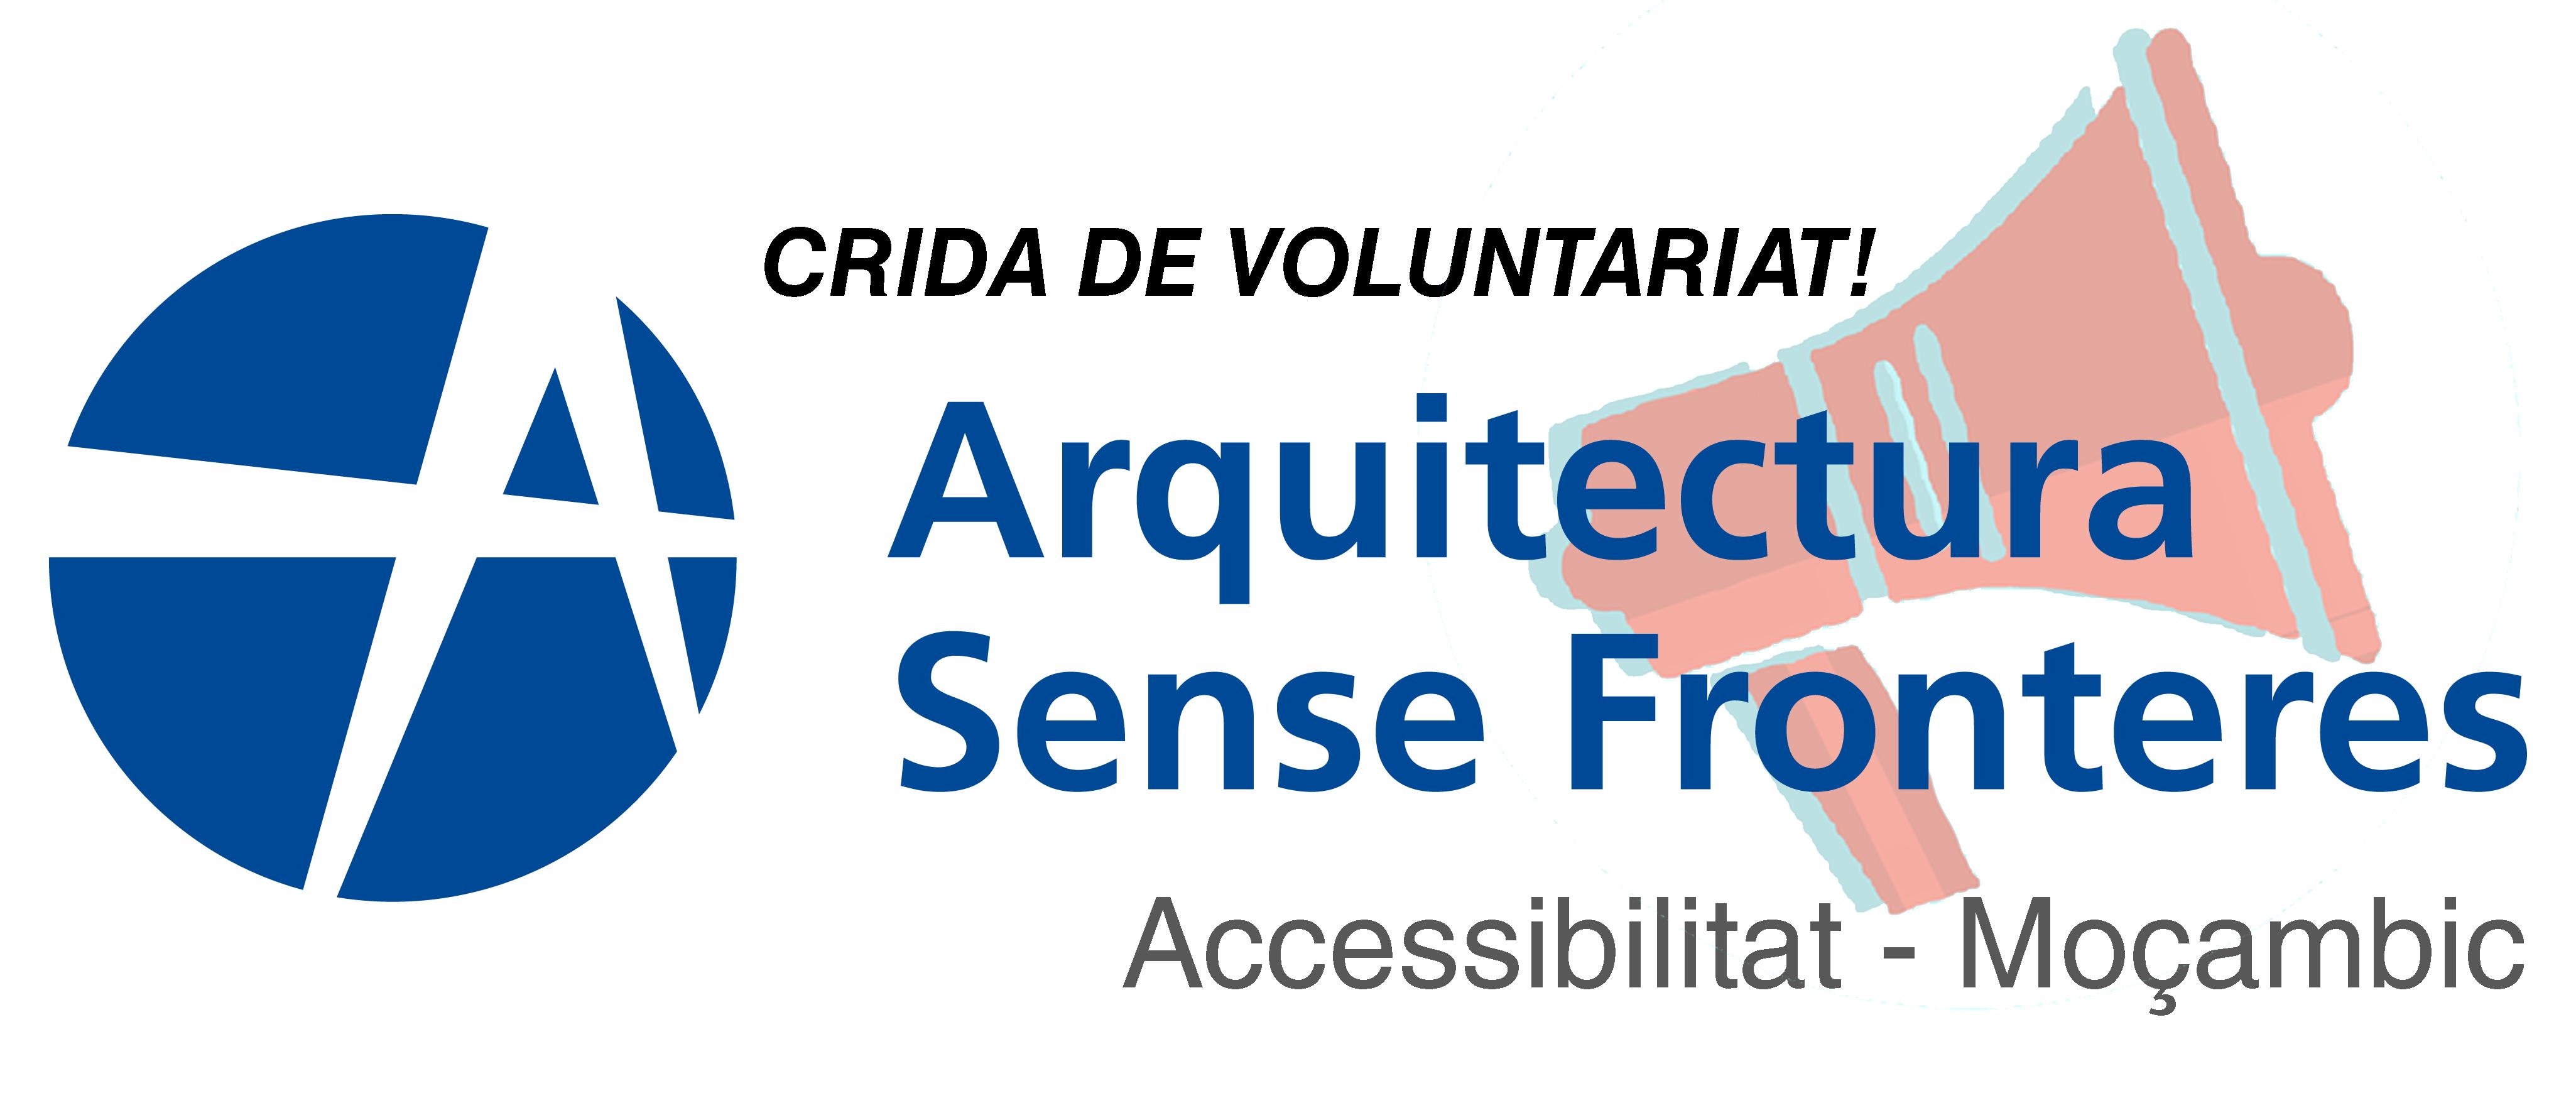 CRIDA VOLUNTARIAT 20.01 – Accessibilitat Moçambic